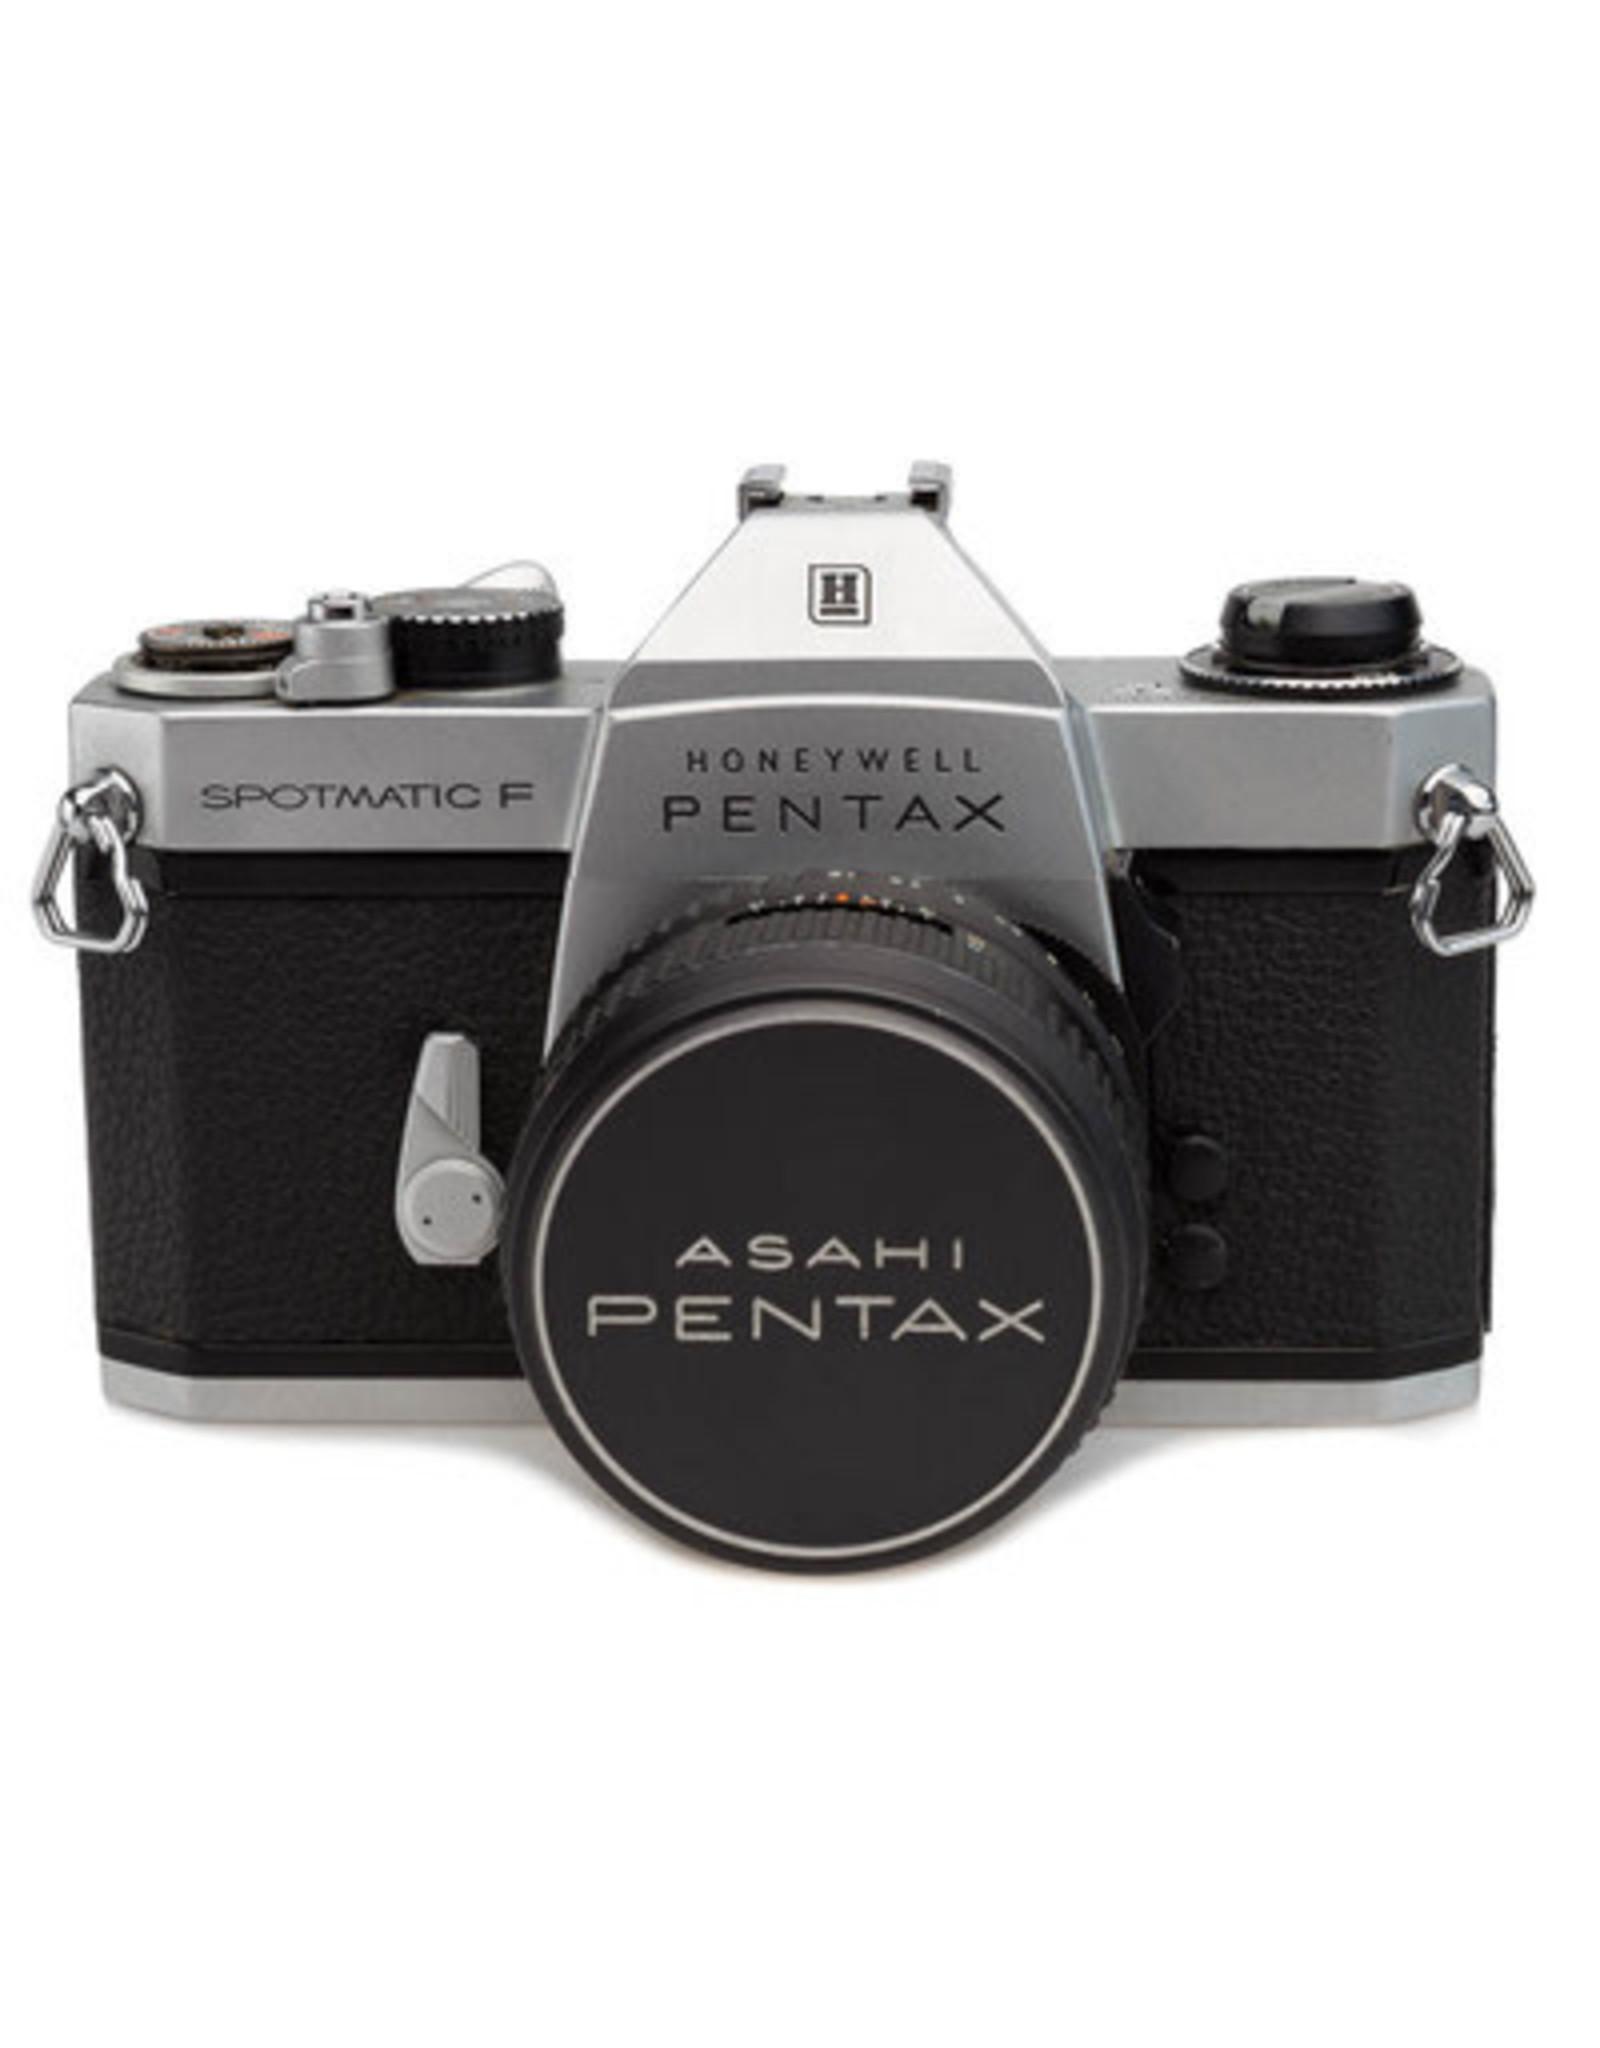 Pentax Pentax Honeywell Spotmatic w/55mm f/1.8 SMC Takumar lens